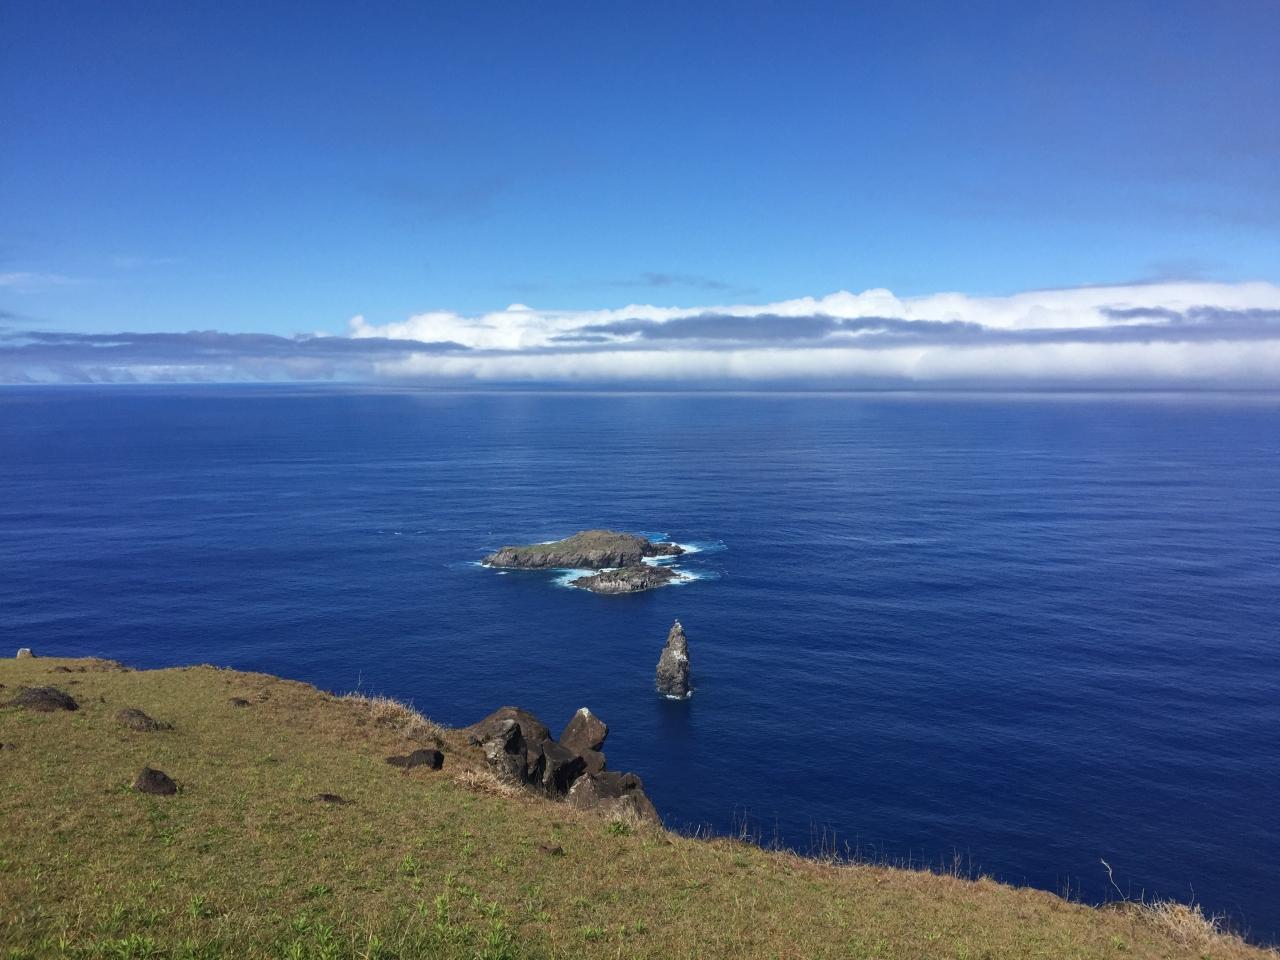 イースター島は海が綺麗です。\u003cbr /\u003e特有の海臭